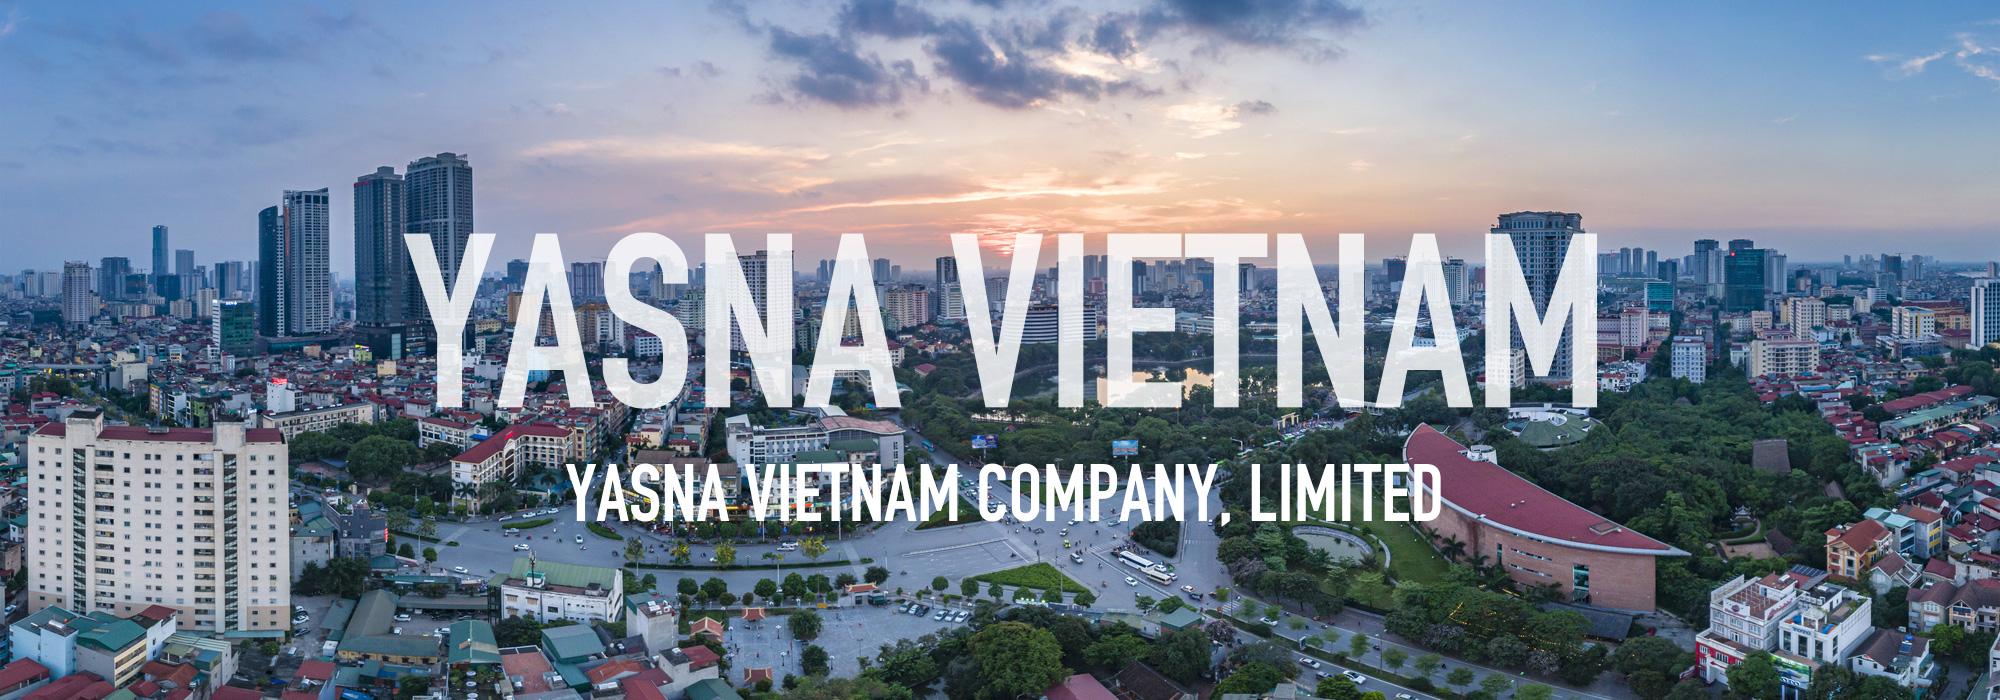 ベトナム現地法人